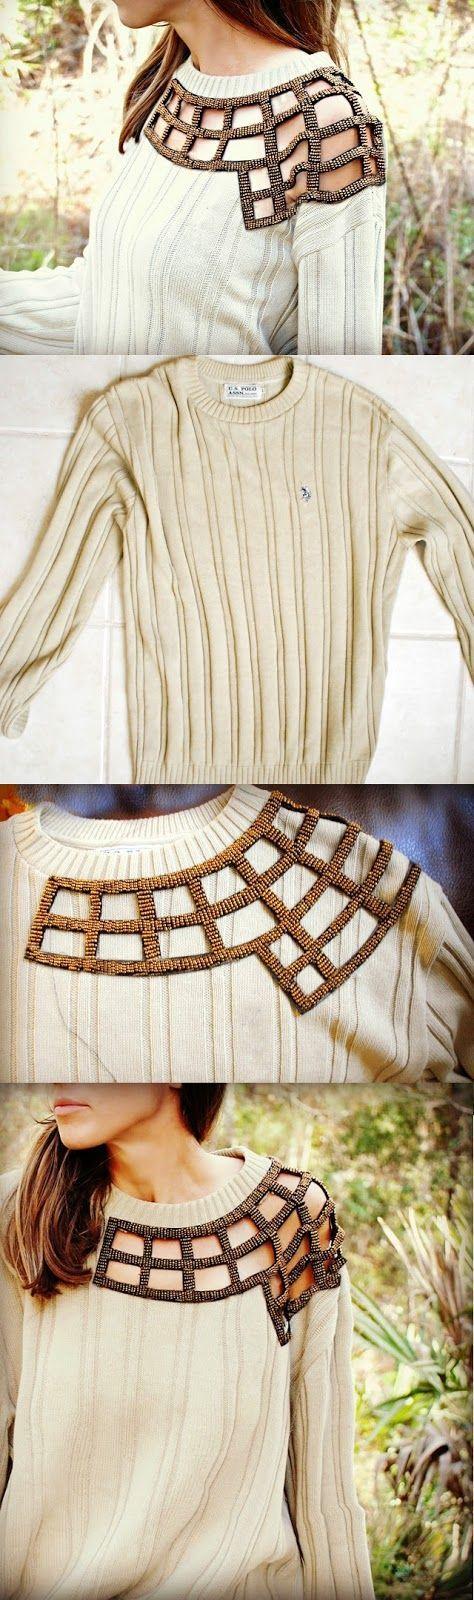 Jak ze starego sweterka zrobić coś zupełnie nowego i modnego